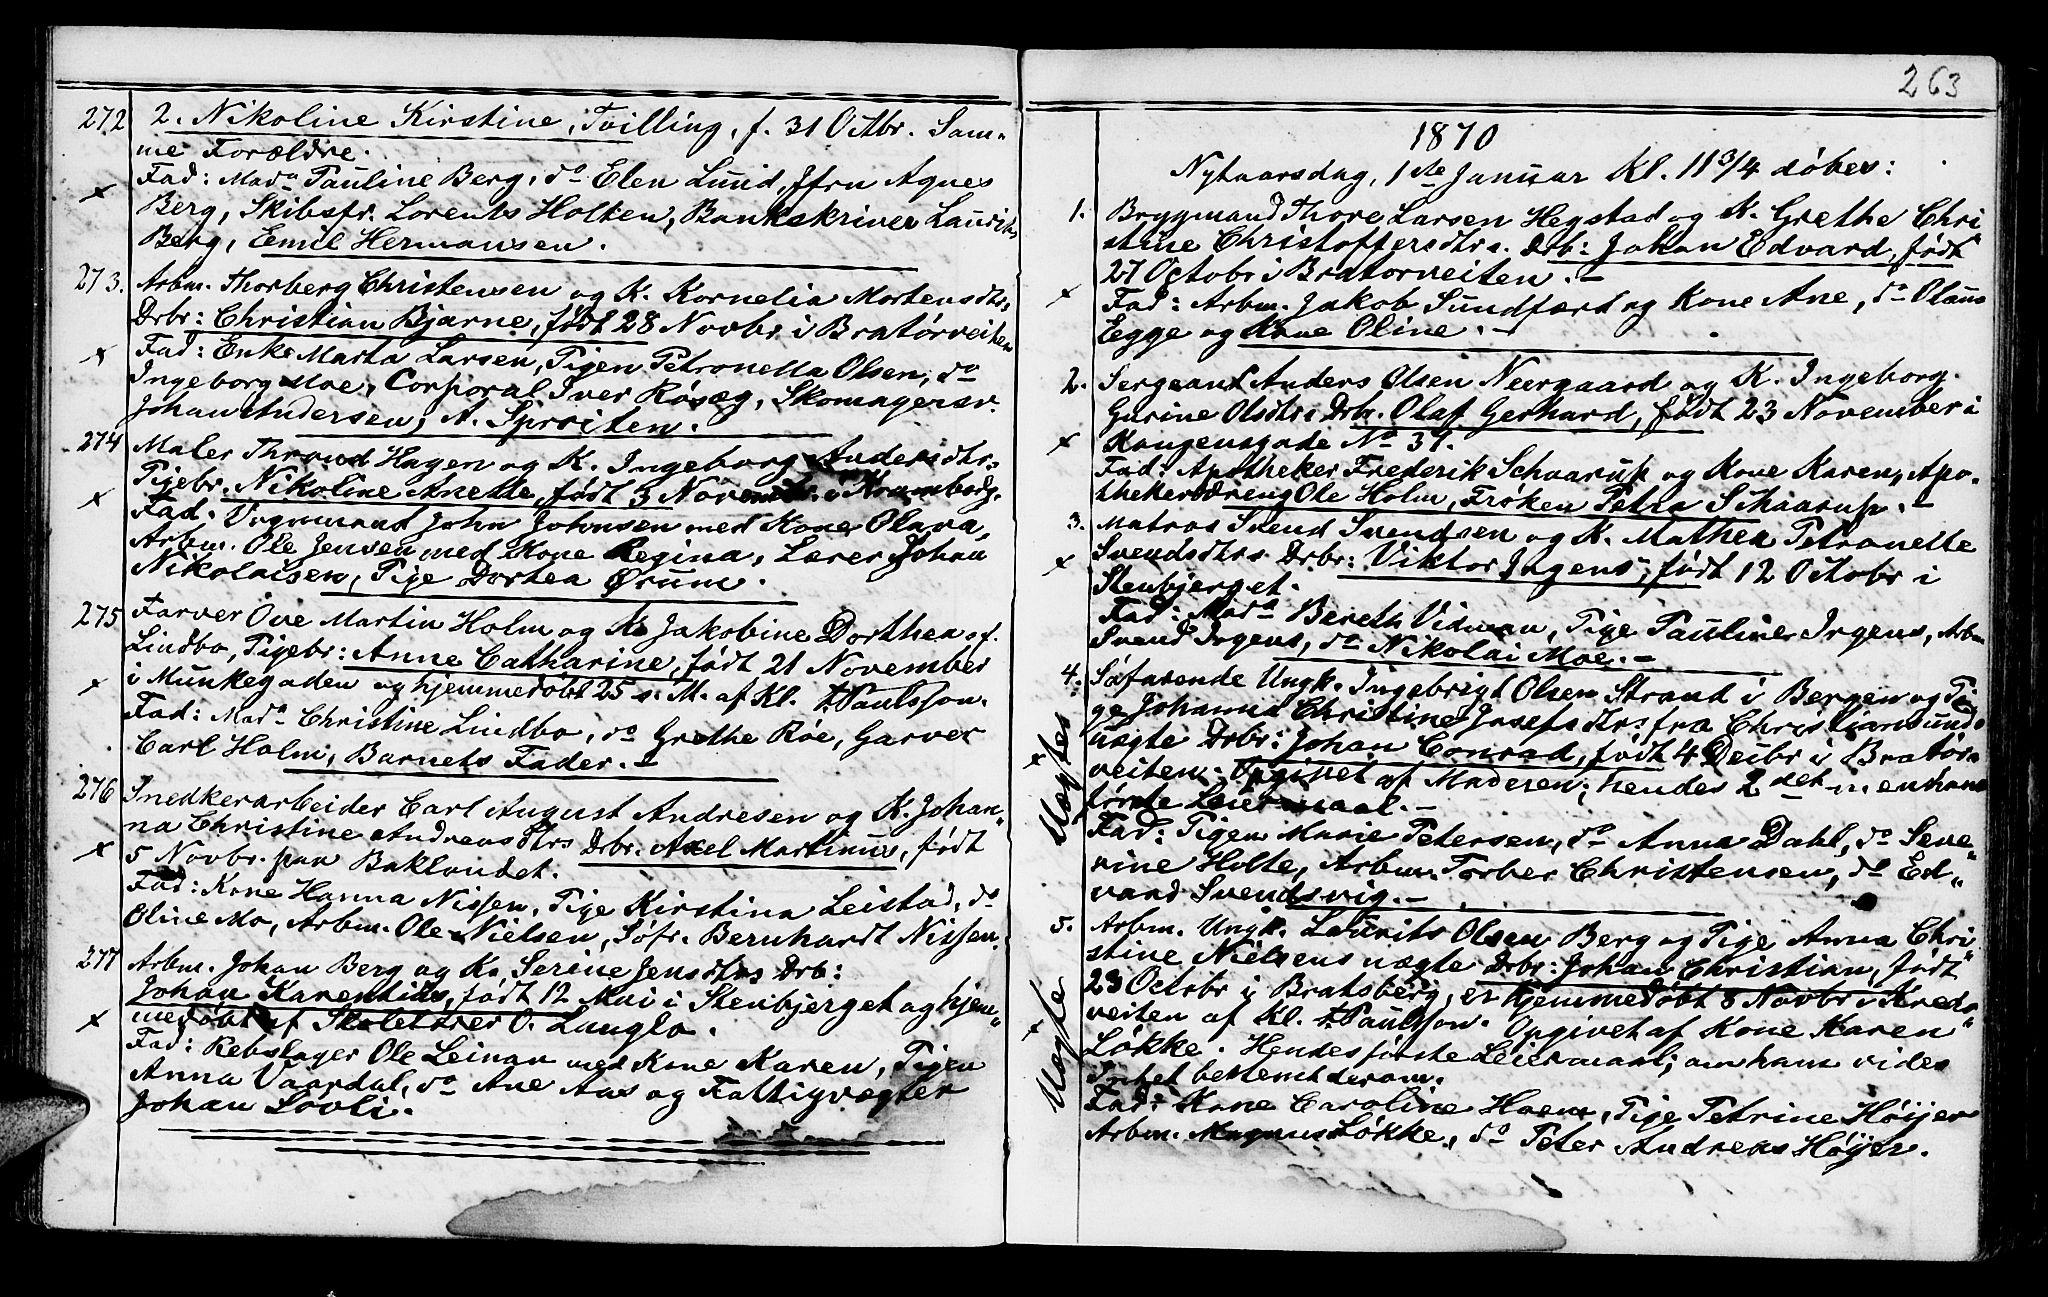 SAT, Ministerialprotokoller, klokkerbøker og fødselsregistre - Sør-Trøndelag, 602/L0140: Klokkerbok nr. 602C08, 1864-1872, s. 262-263